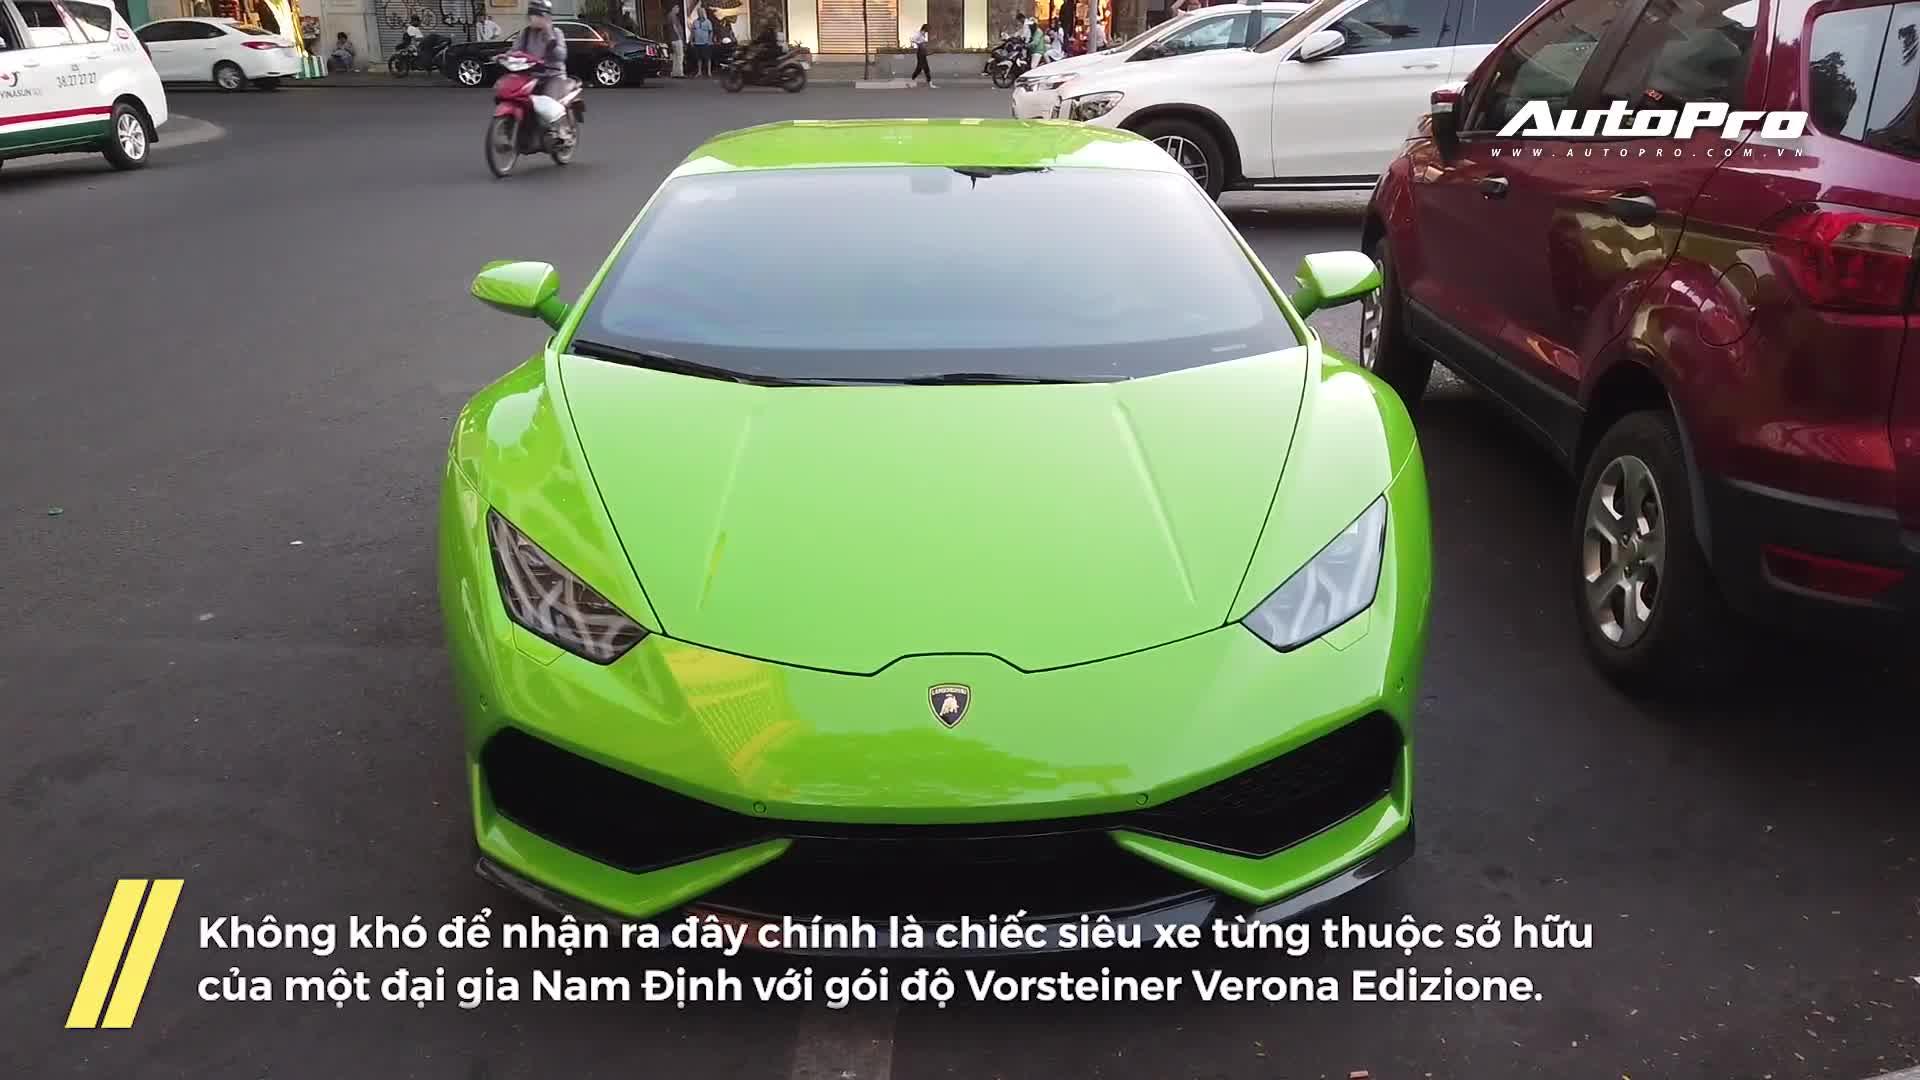 Chán decal màu sắc, Lamborghini Huracan từng của đại gia Nam Định trở về màu xanh cốm nguyên bản